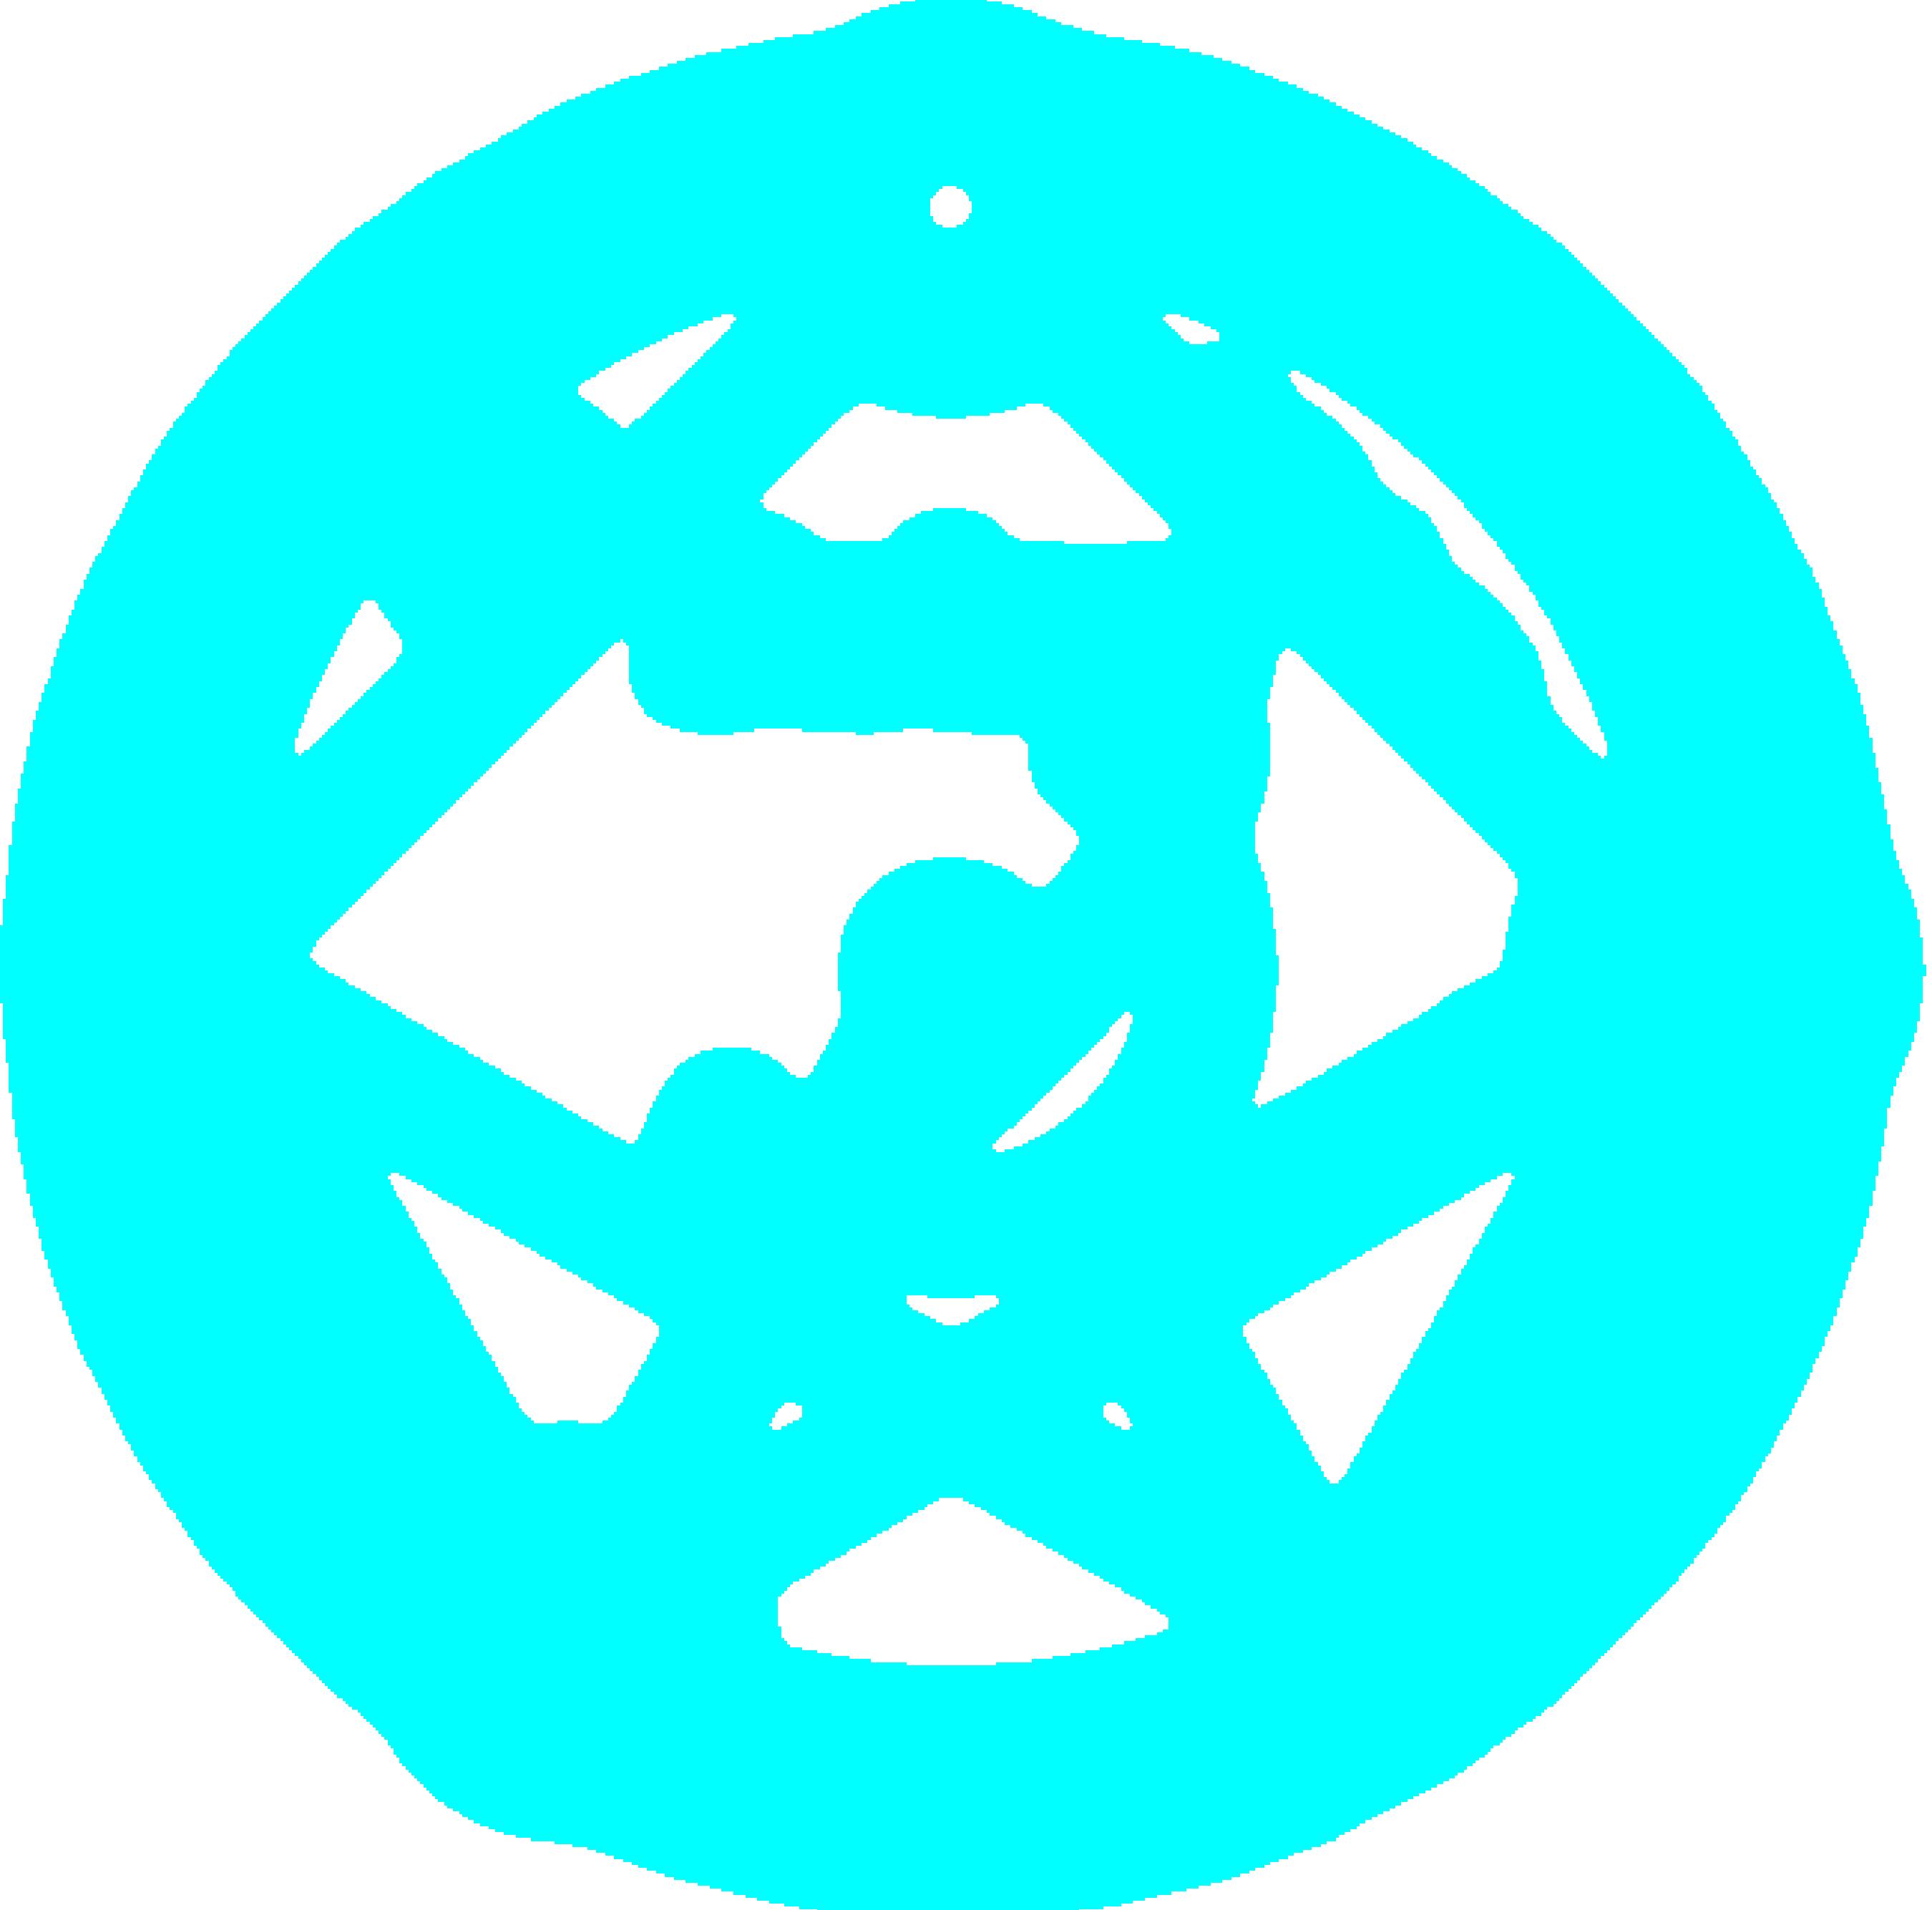 Darknet Logo